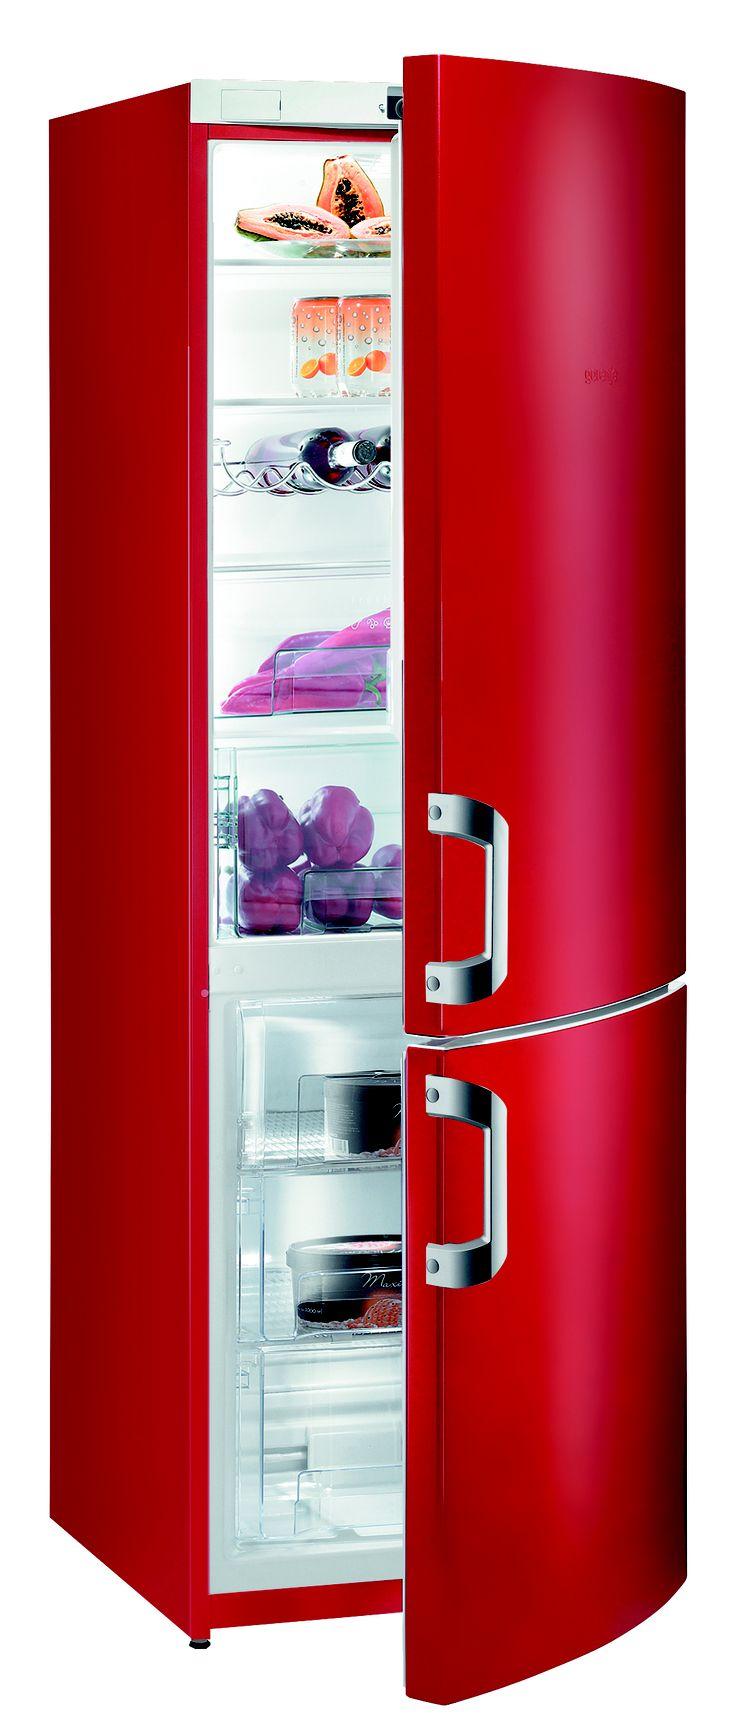 for a fashionable kitchen gorenje red fridge freezer. Black Bedroom Furniture Sets. Home Design Ideas